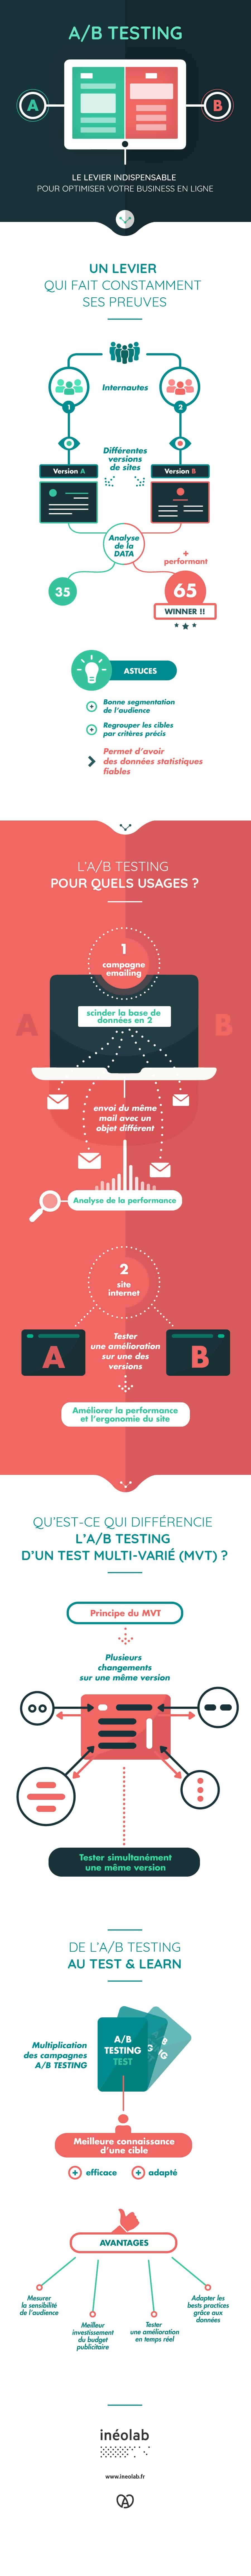 Infographie sur l''A/B testing : le levier indispensable pour optimiser votre business en ligne - par inéolab